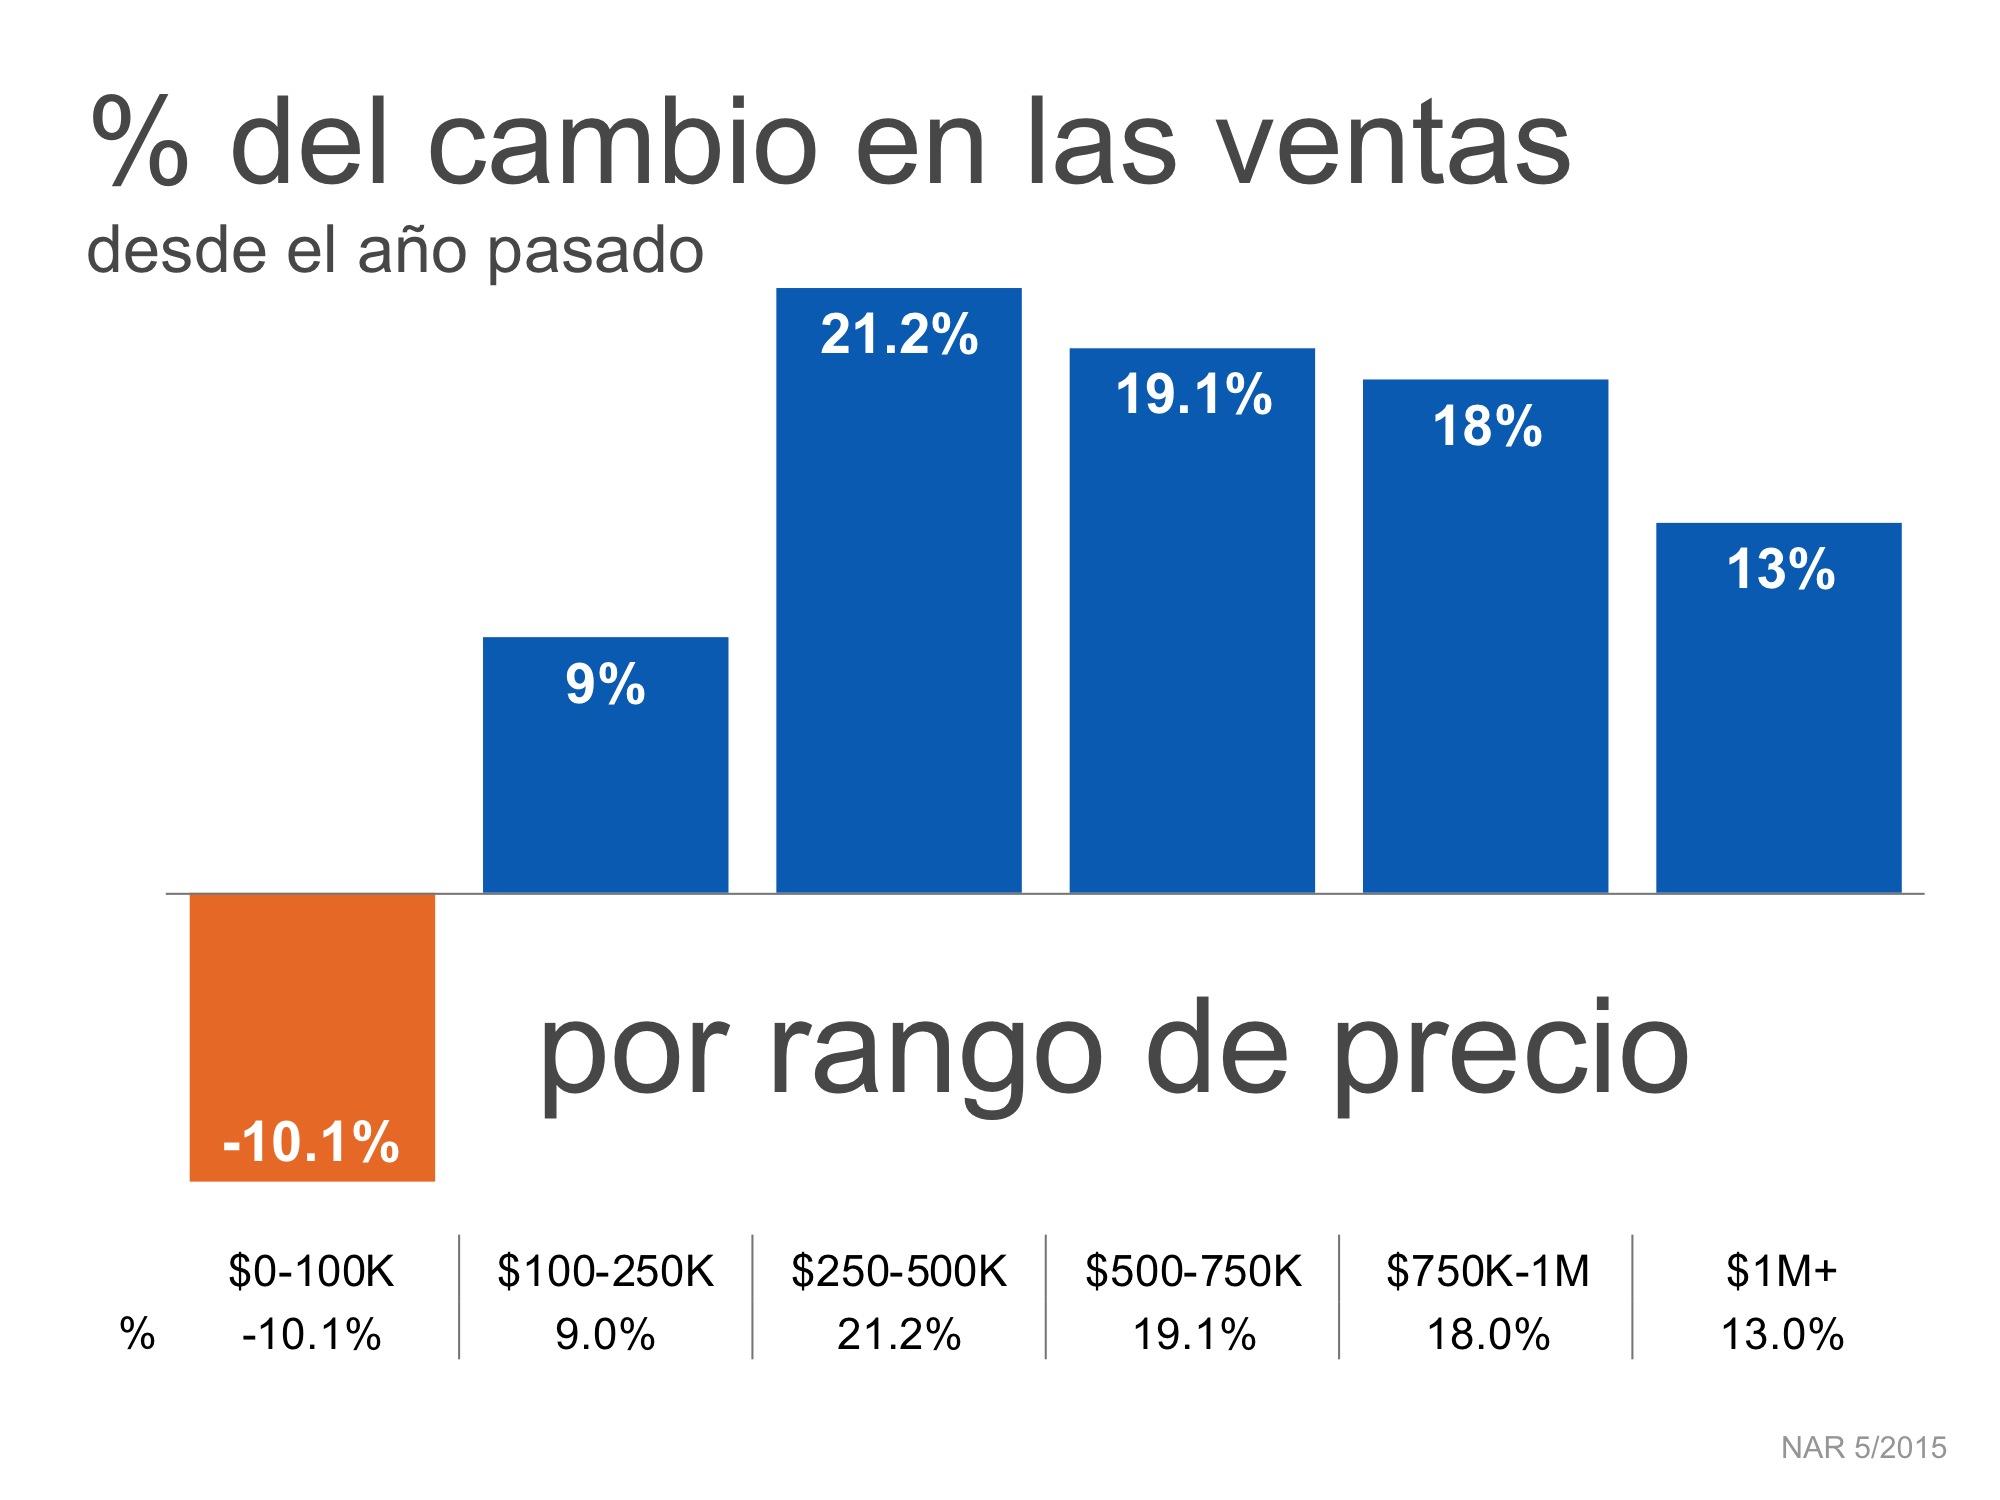 Porcentaje del cambio